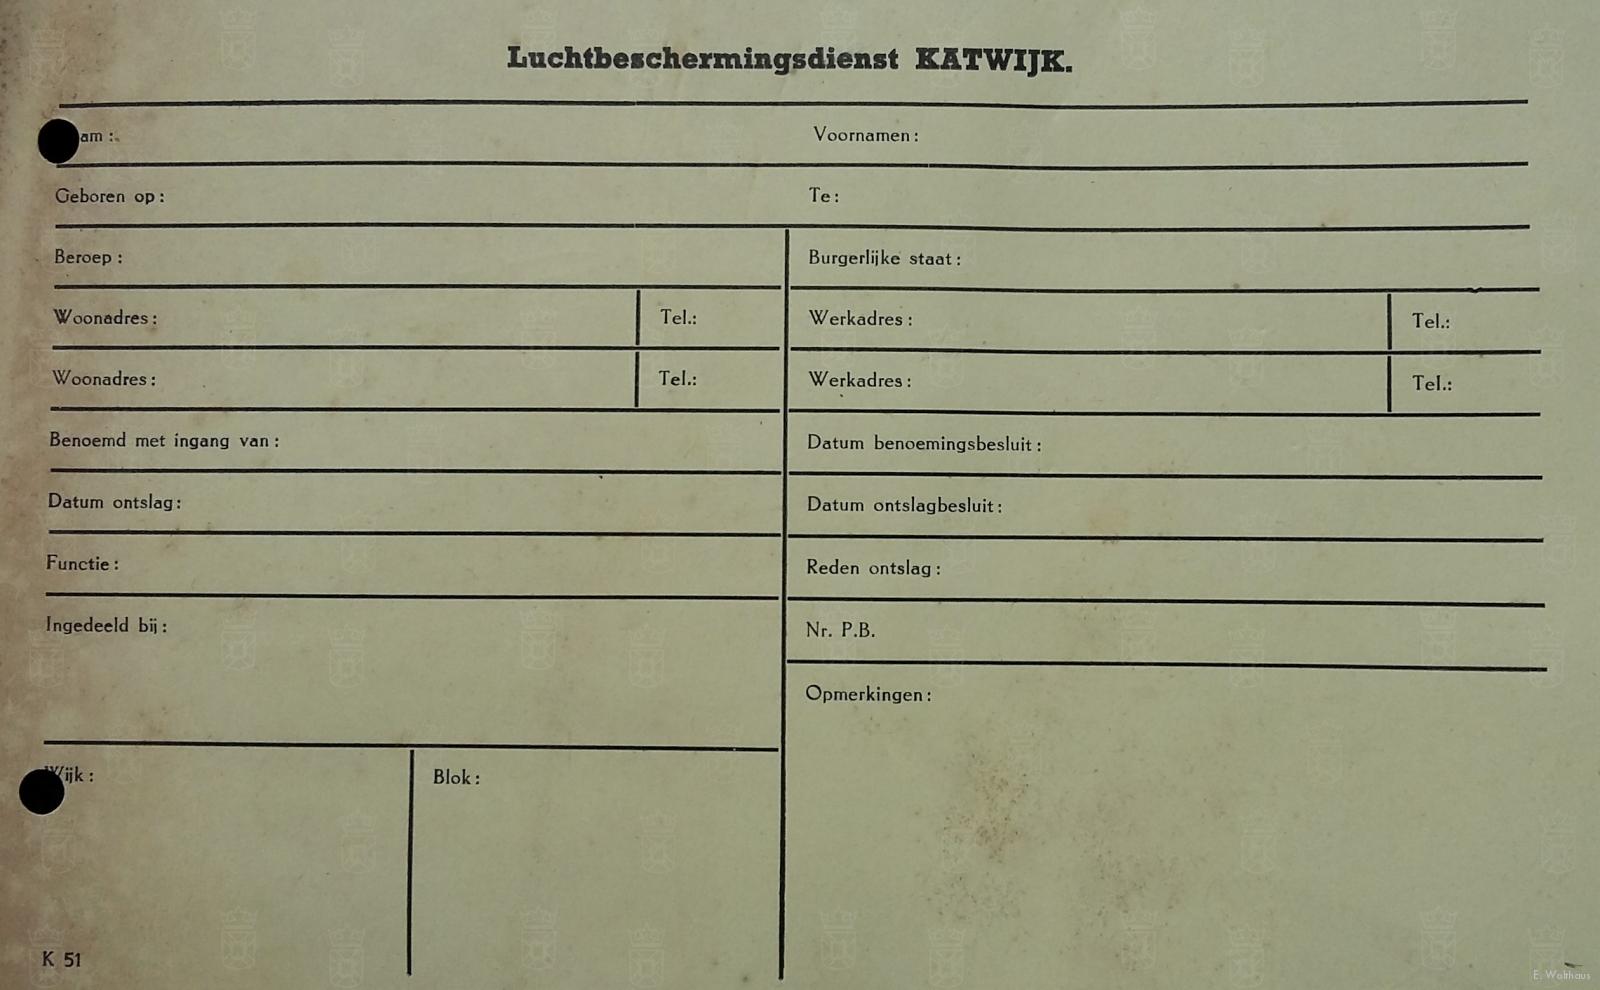 Een lidmaatschapskaart van de Luchtbescherming Katwijk